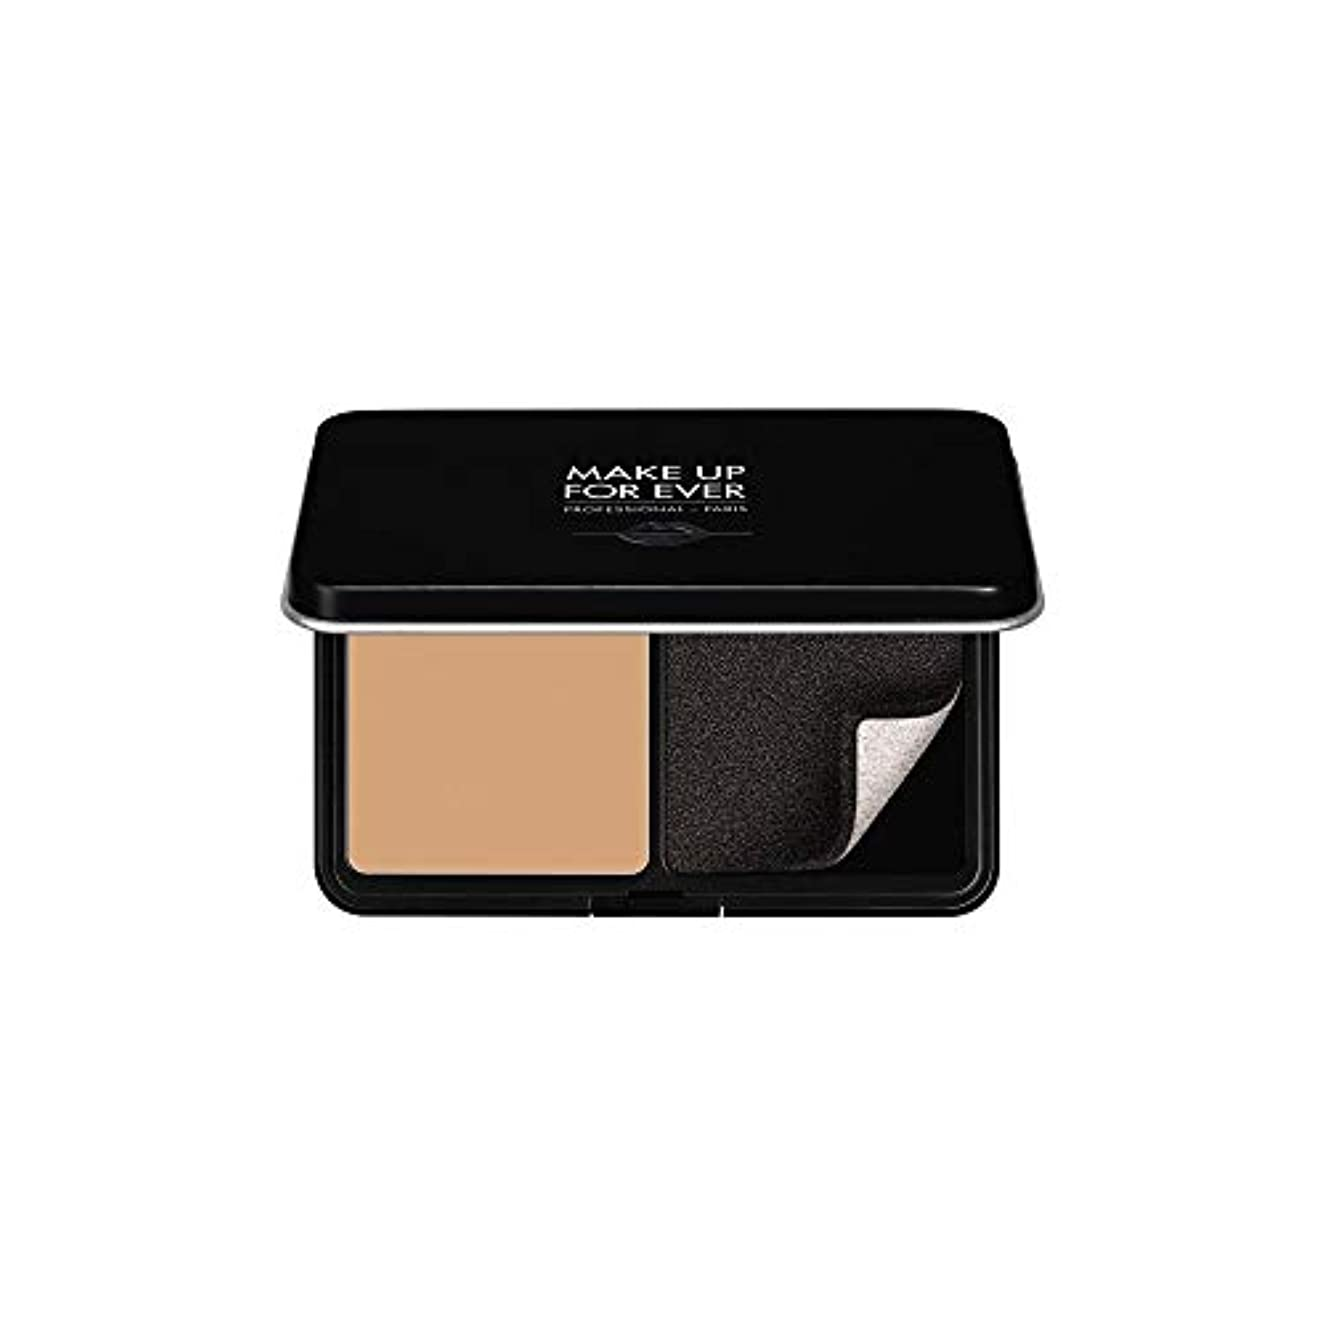 甲虫まろやかなリストメイクアップフォーエバー Matte Velvet Skin Blurring Powder Foundation - # R330 (Warm Ivory) 11g/0.38oz並行輸入品